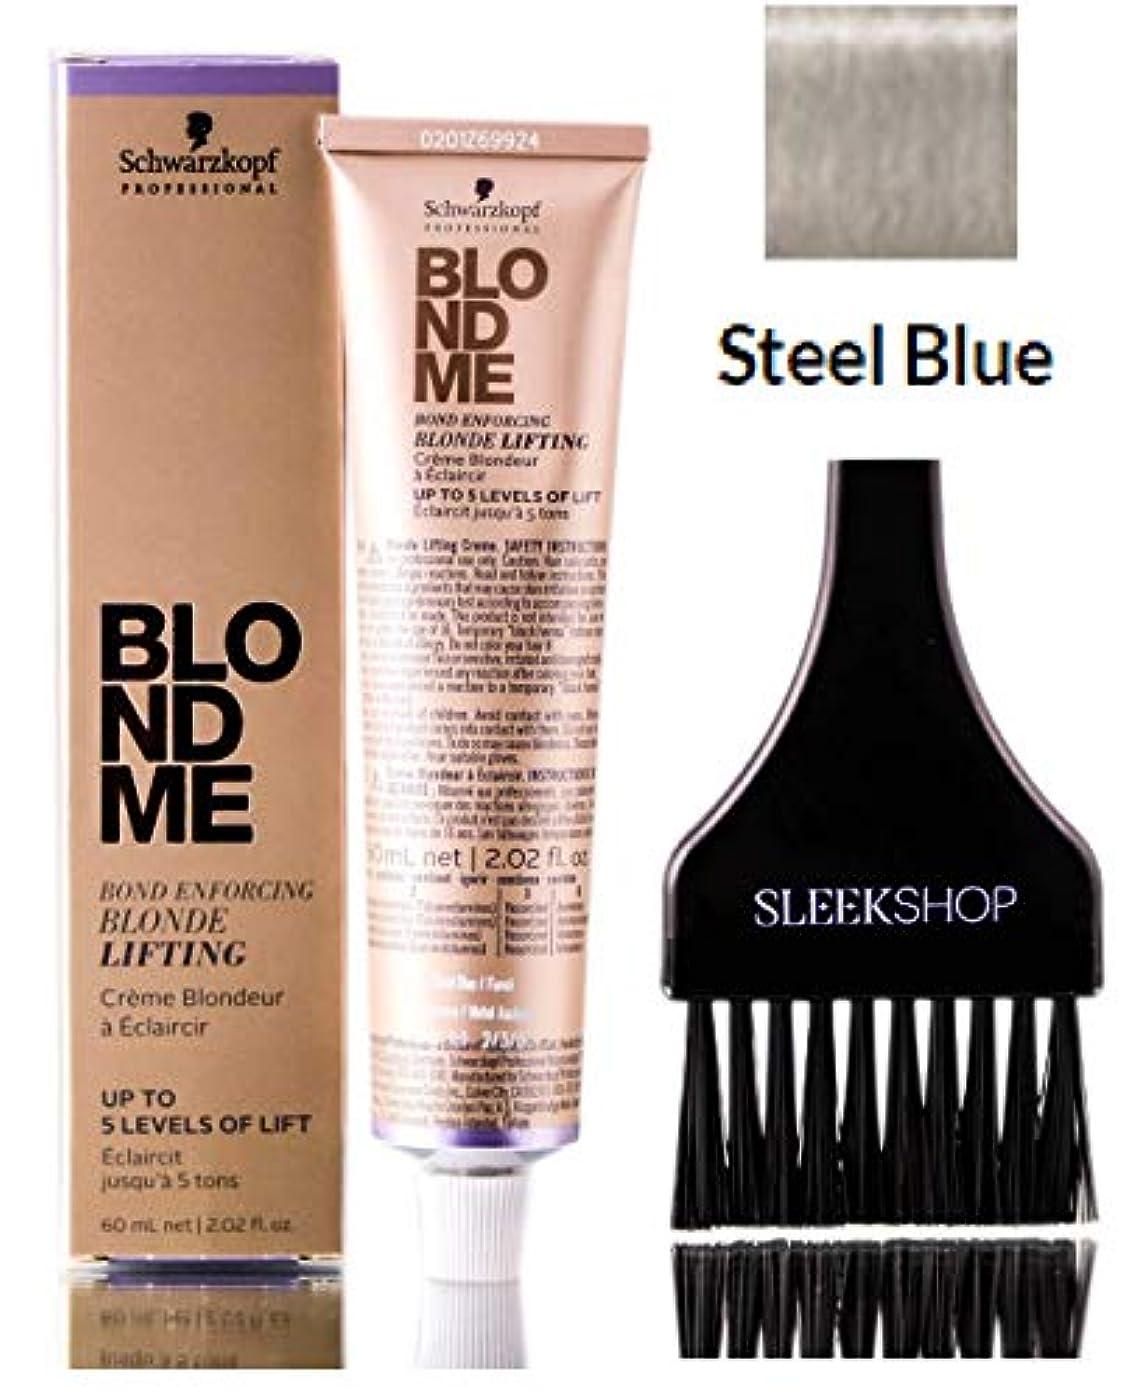 打たれたトラックベルベット世論調査Schwarzkopf BLOND MEボンド施行ブロンド持ち上げるリフトヘアカラーの5つのレベルまでBlondmeヘアカラー(なめらかな色合いアプリケーターブラシ付き) steel blue